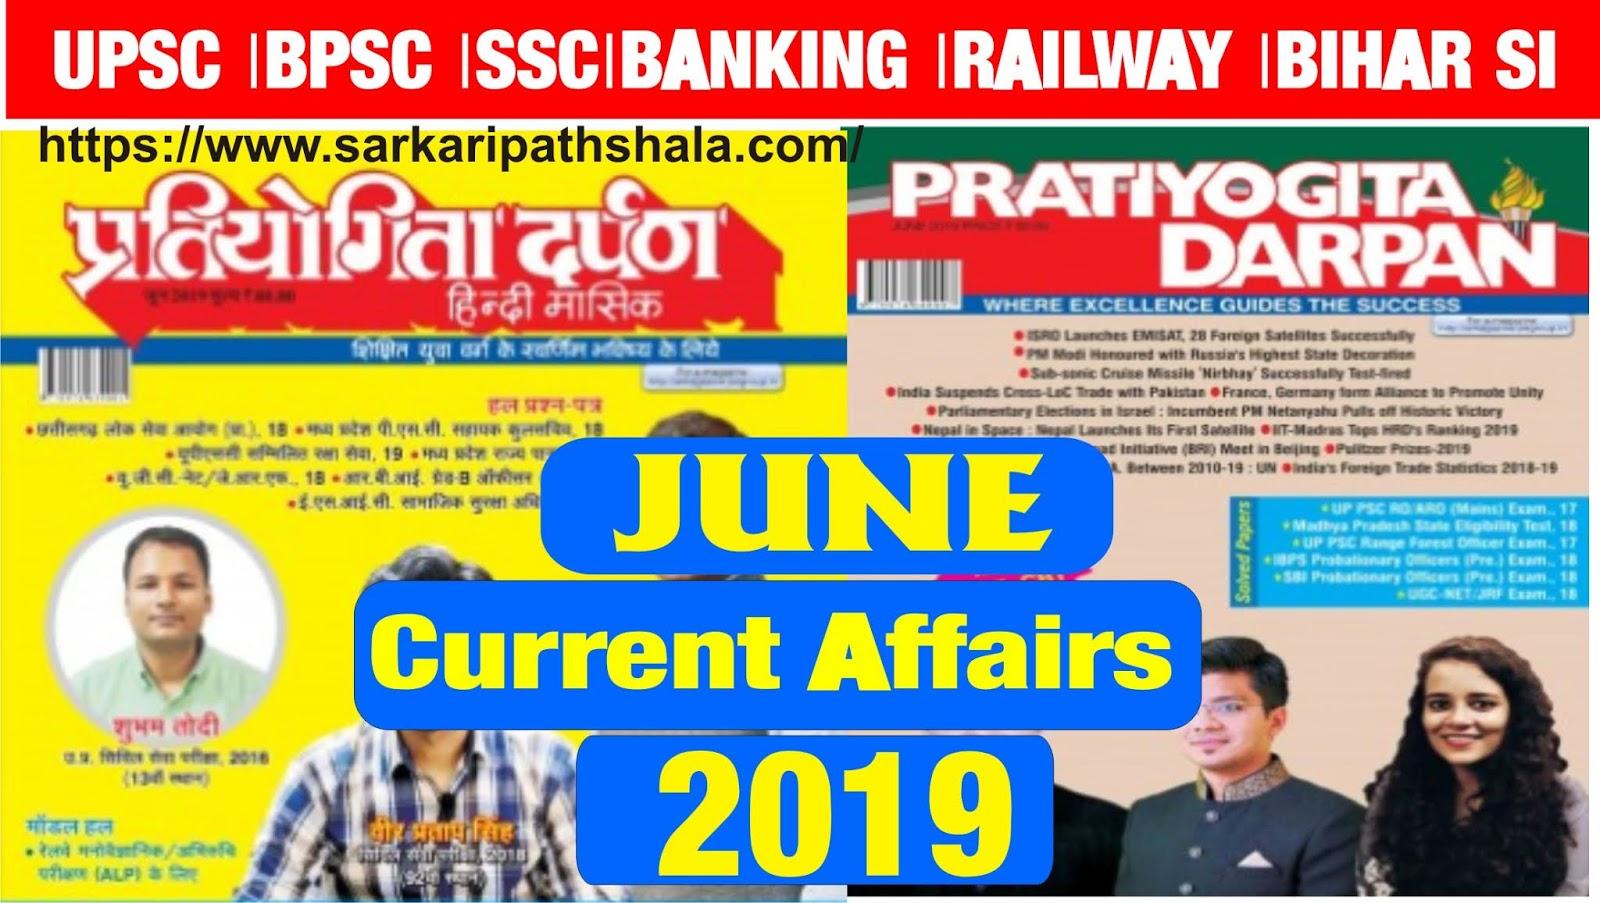 Pratiyogita Darpan June 2019 Current affairs PDF Download